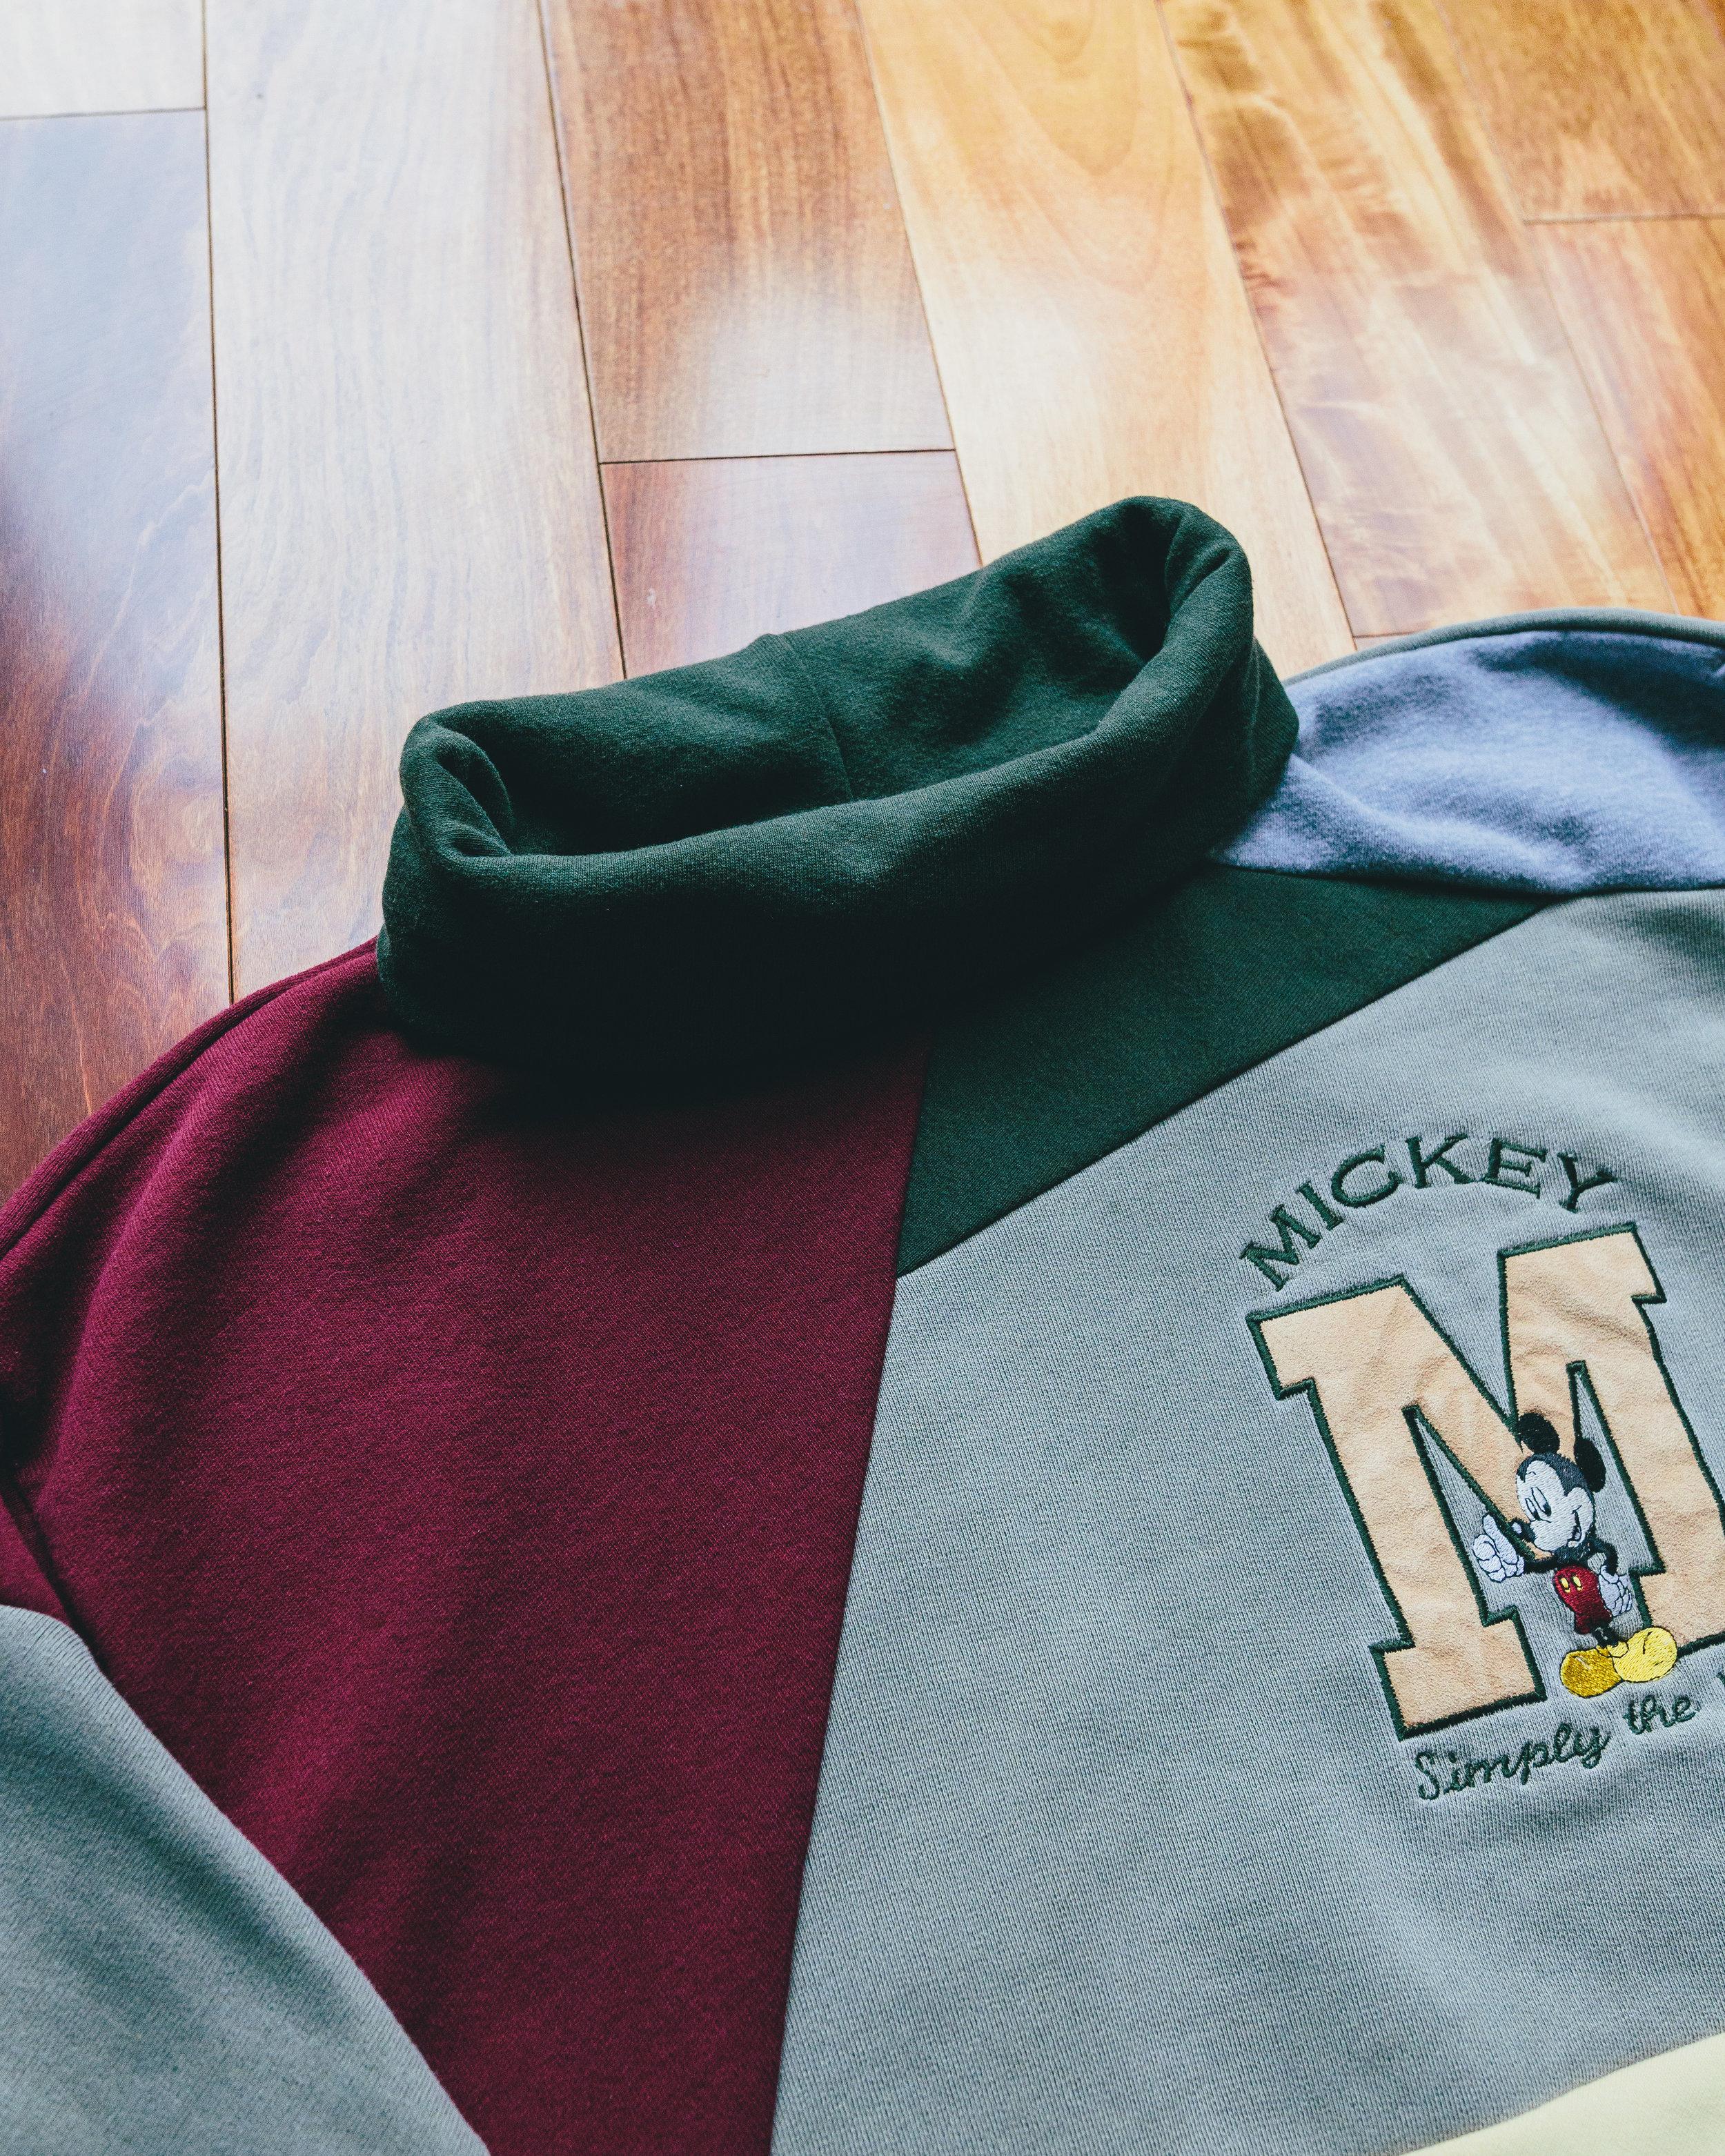 MICKIES-5.jpg